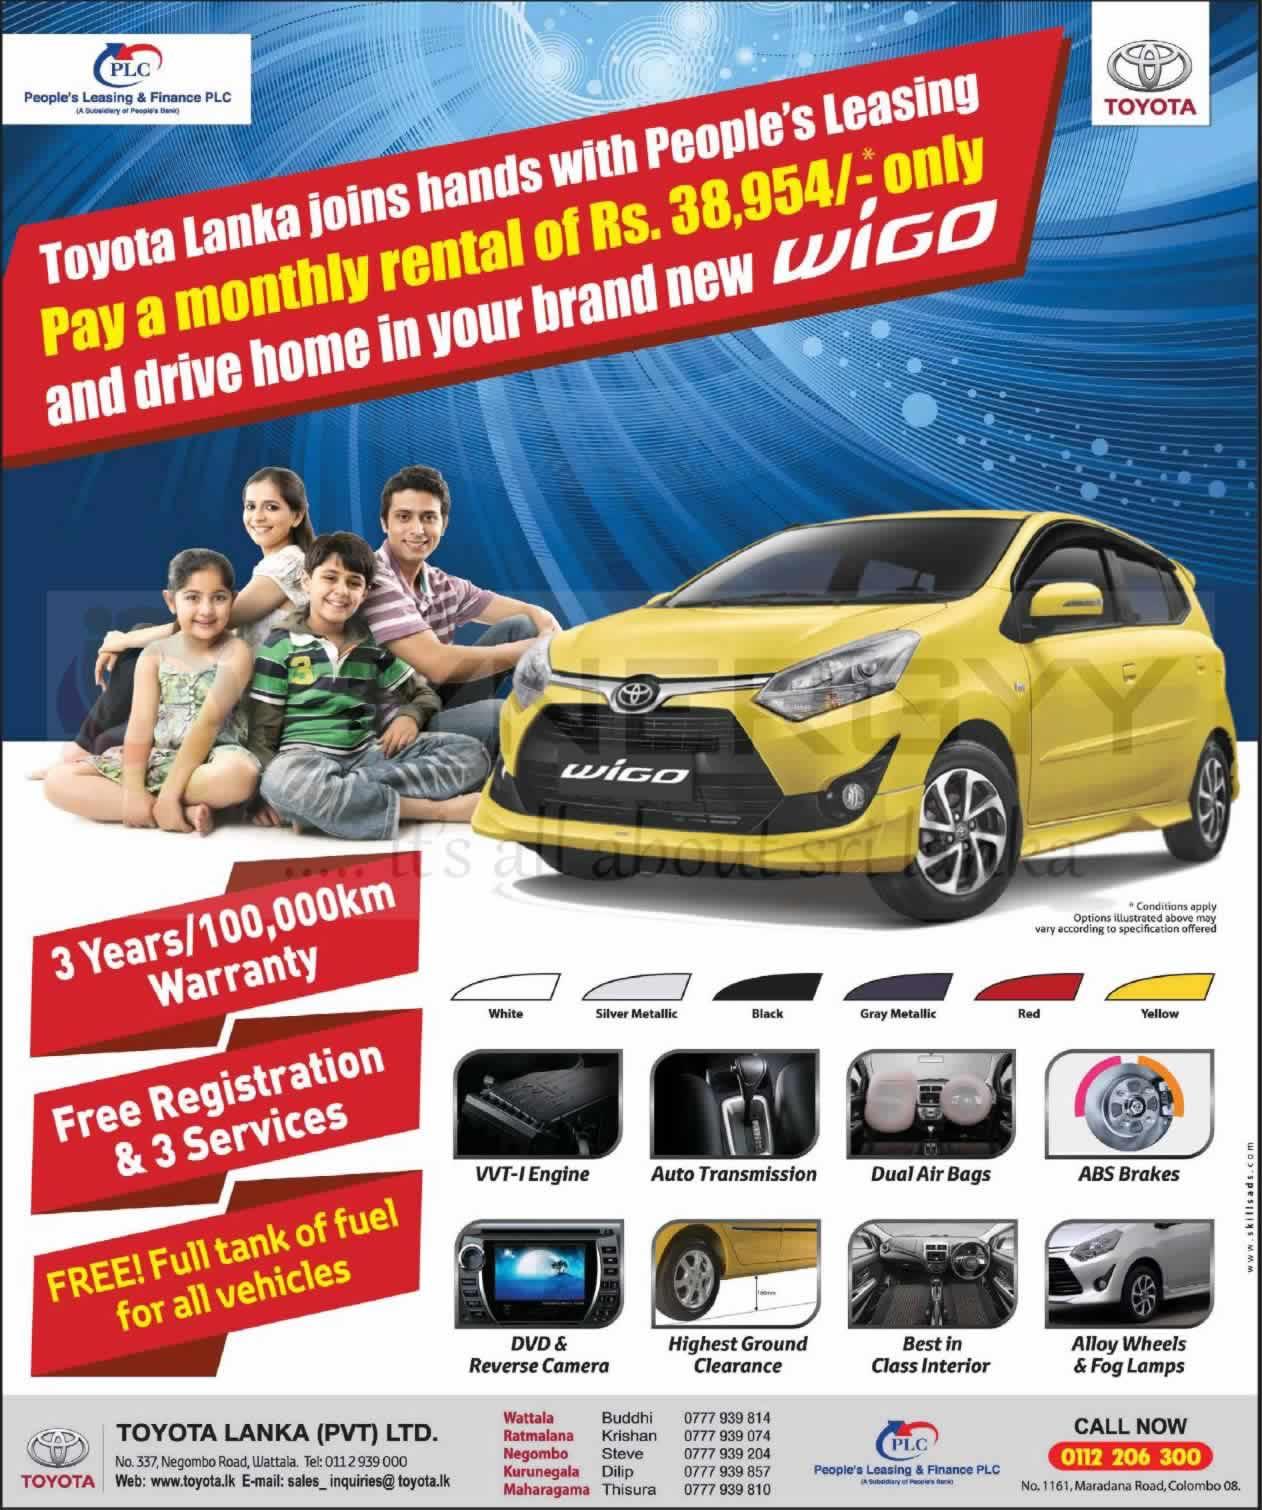 Toyota Wigo 2017 Price In Sri Lanka >> Toyota Wigo Leasing with People's Leasing « SynergyY